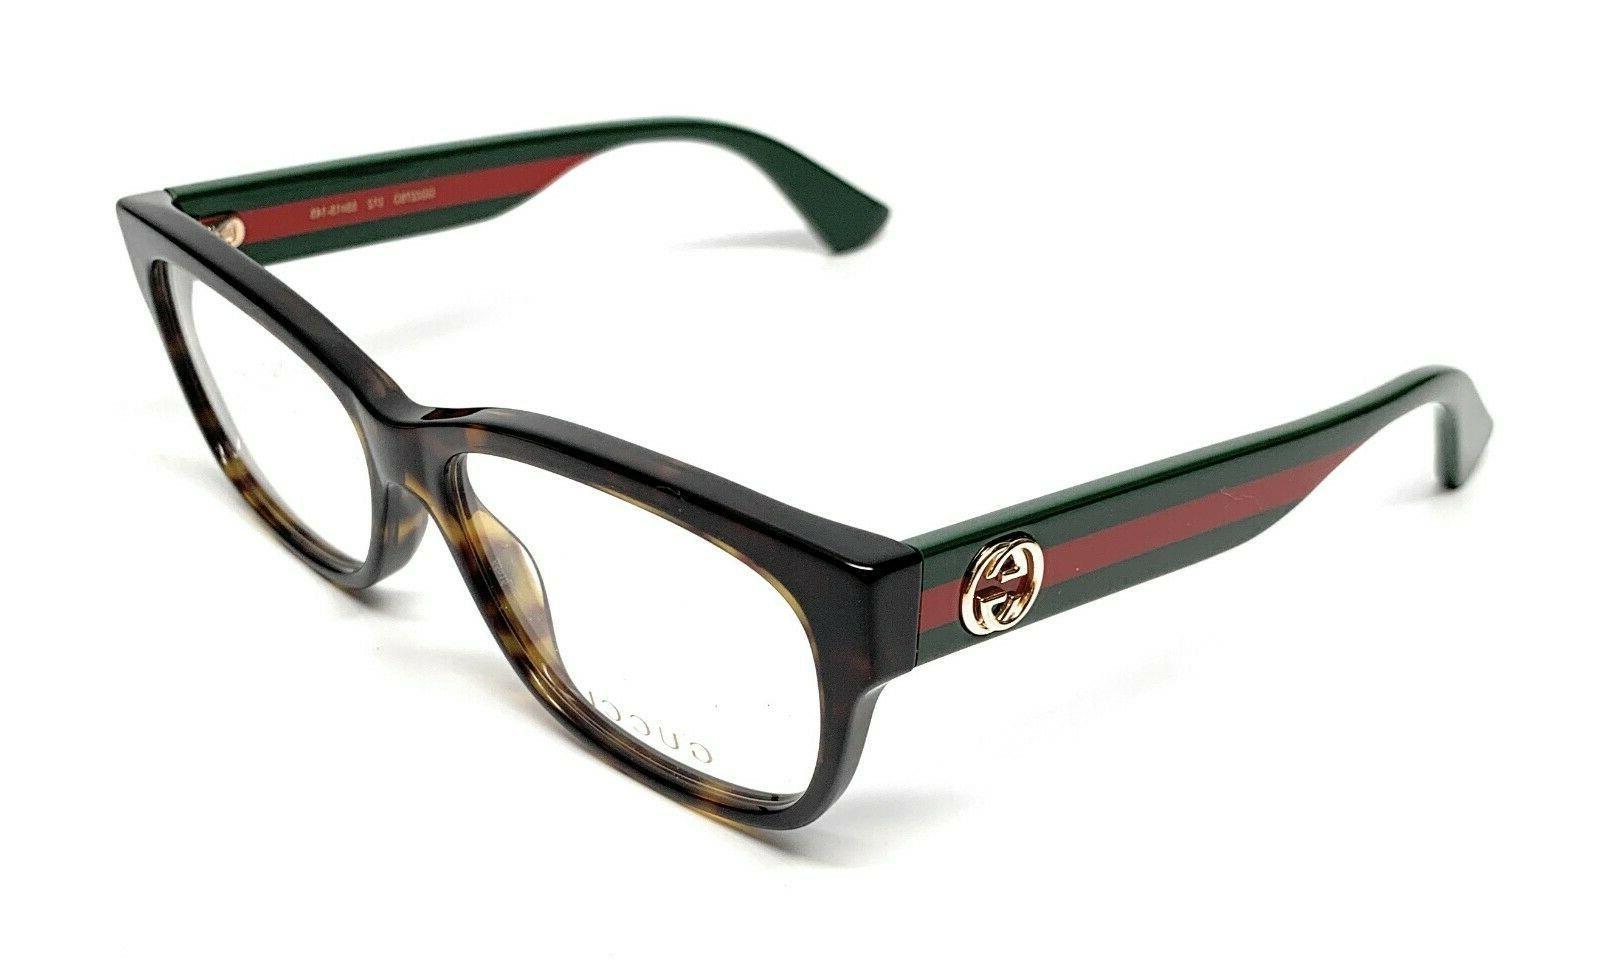 012 Eyeglasses Frame